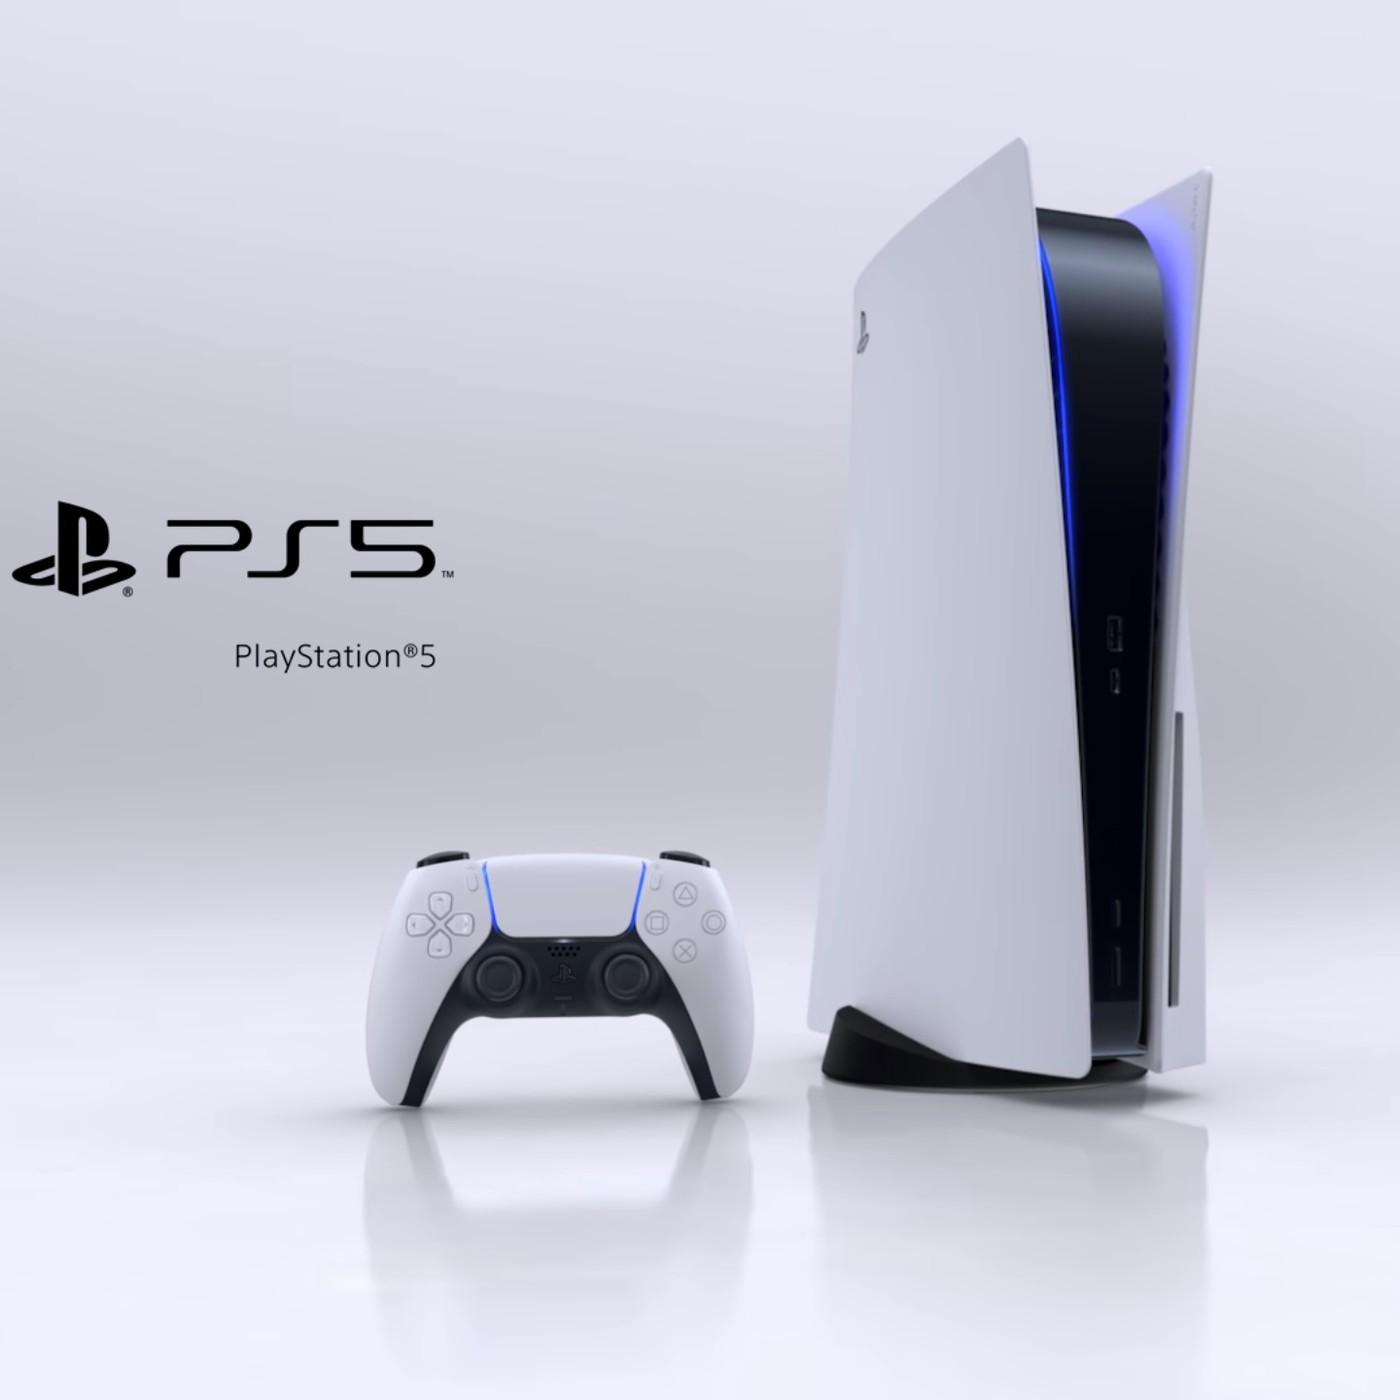 国外玩家改造PS5:玻璃测透、外加RGB灯